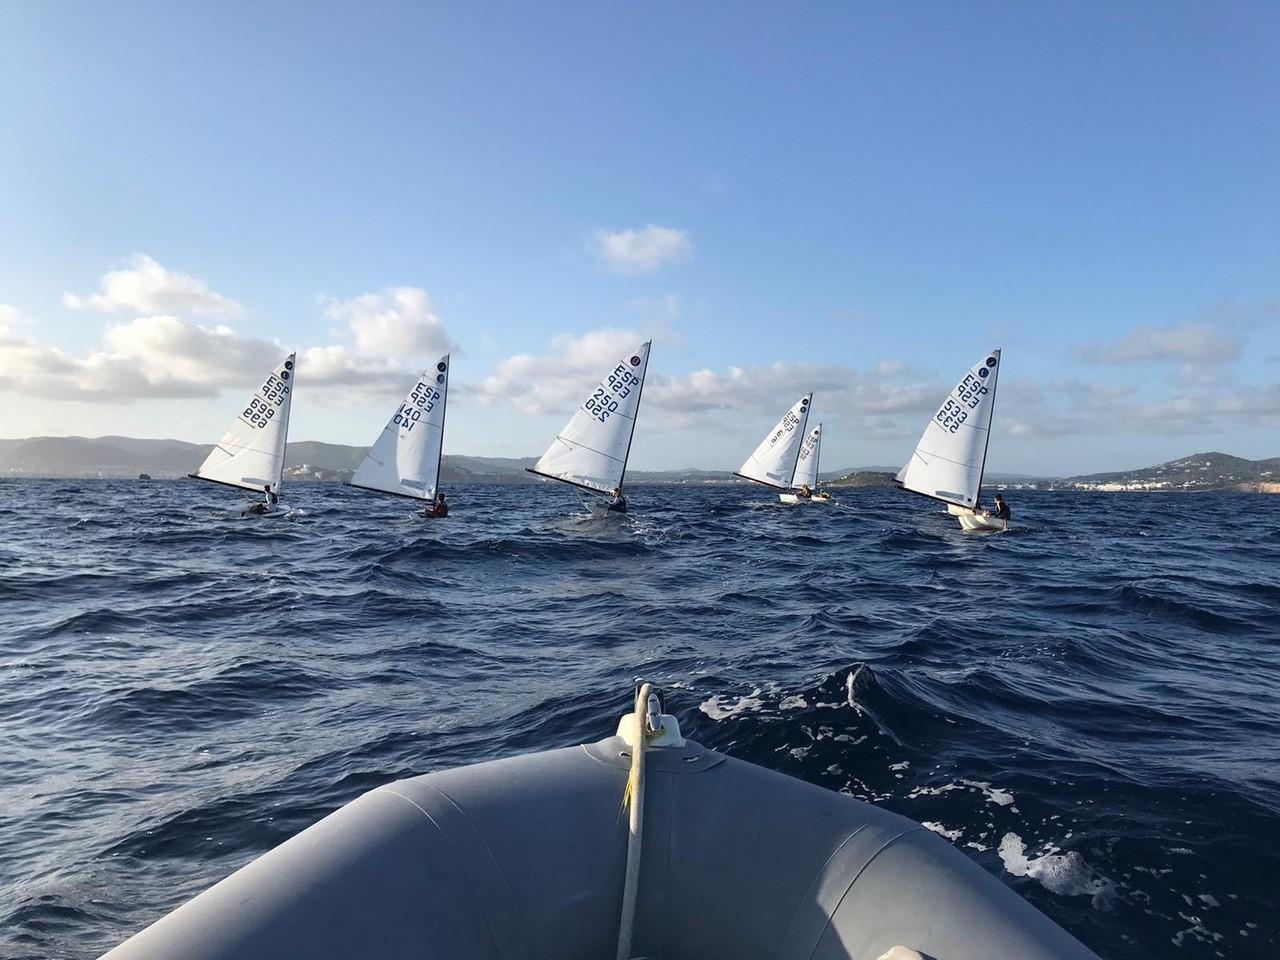 EUROPA: CAMPIONAT D'ESPANYA 2020 a Eivissa del 8 al 12 d'Octubre - Vela -